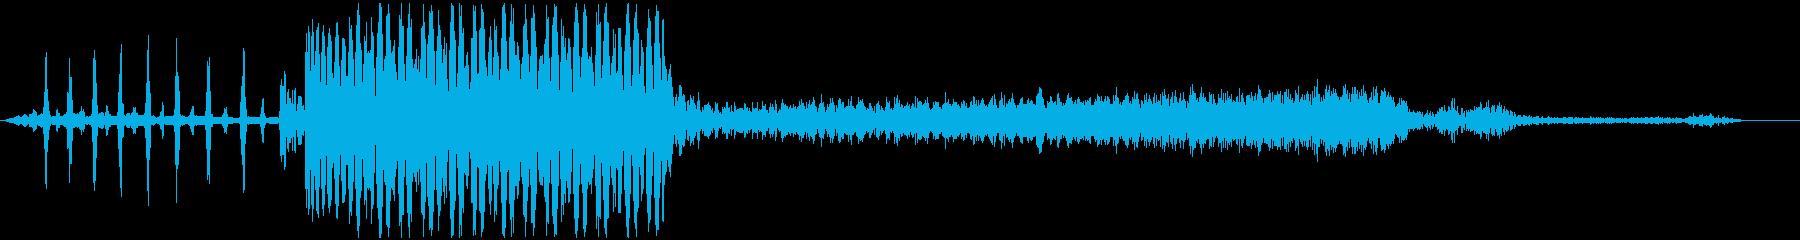 コンピュータのビープ音の再生済みの波形